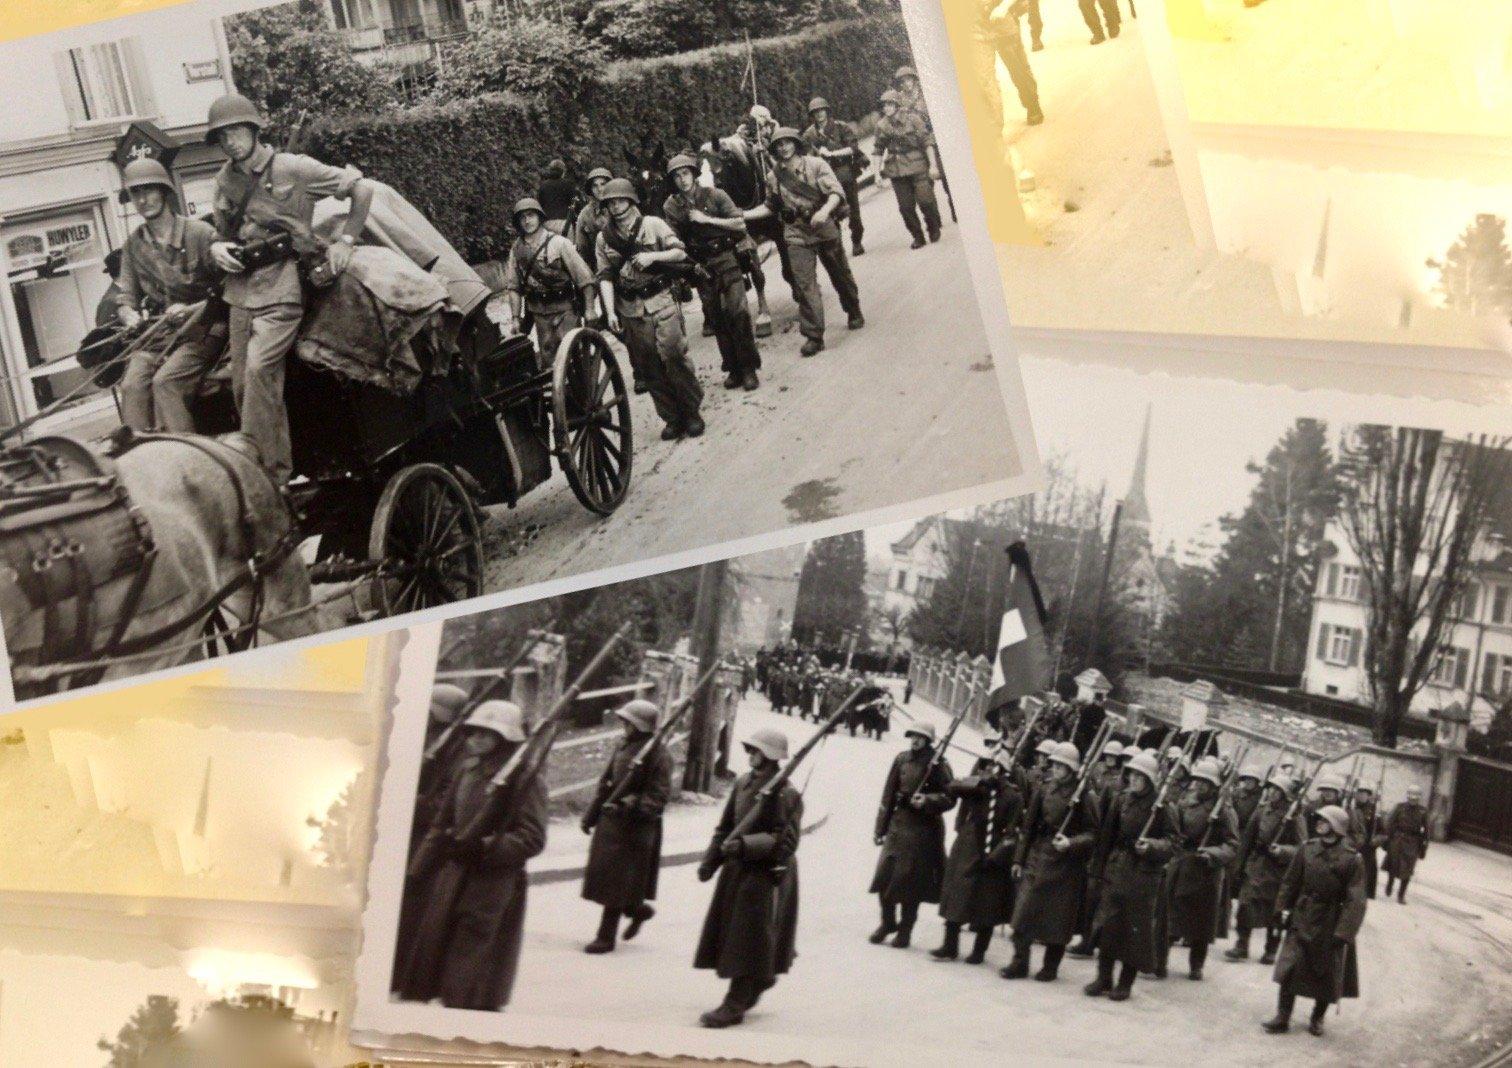 Grenadierkompanie in Zug, 1944/45